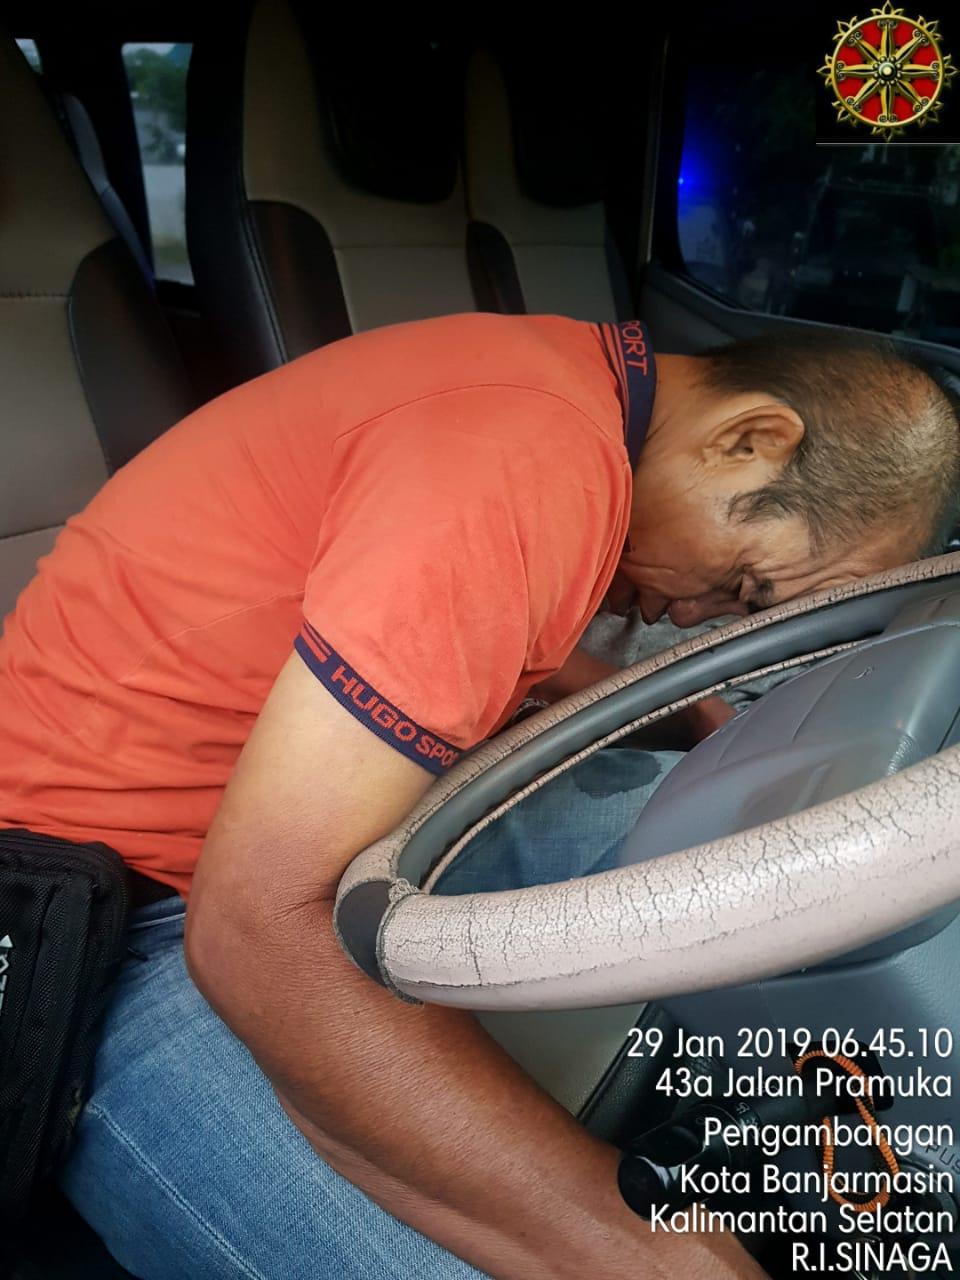 Abdul Somad Hembuskan Nafas Terakhir di Dalam Mobil